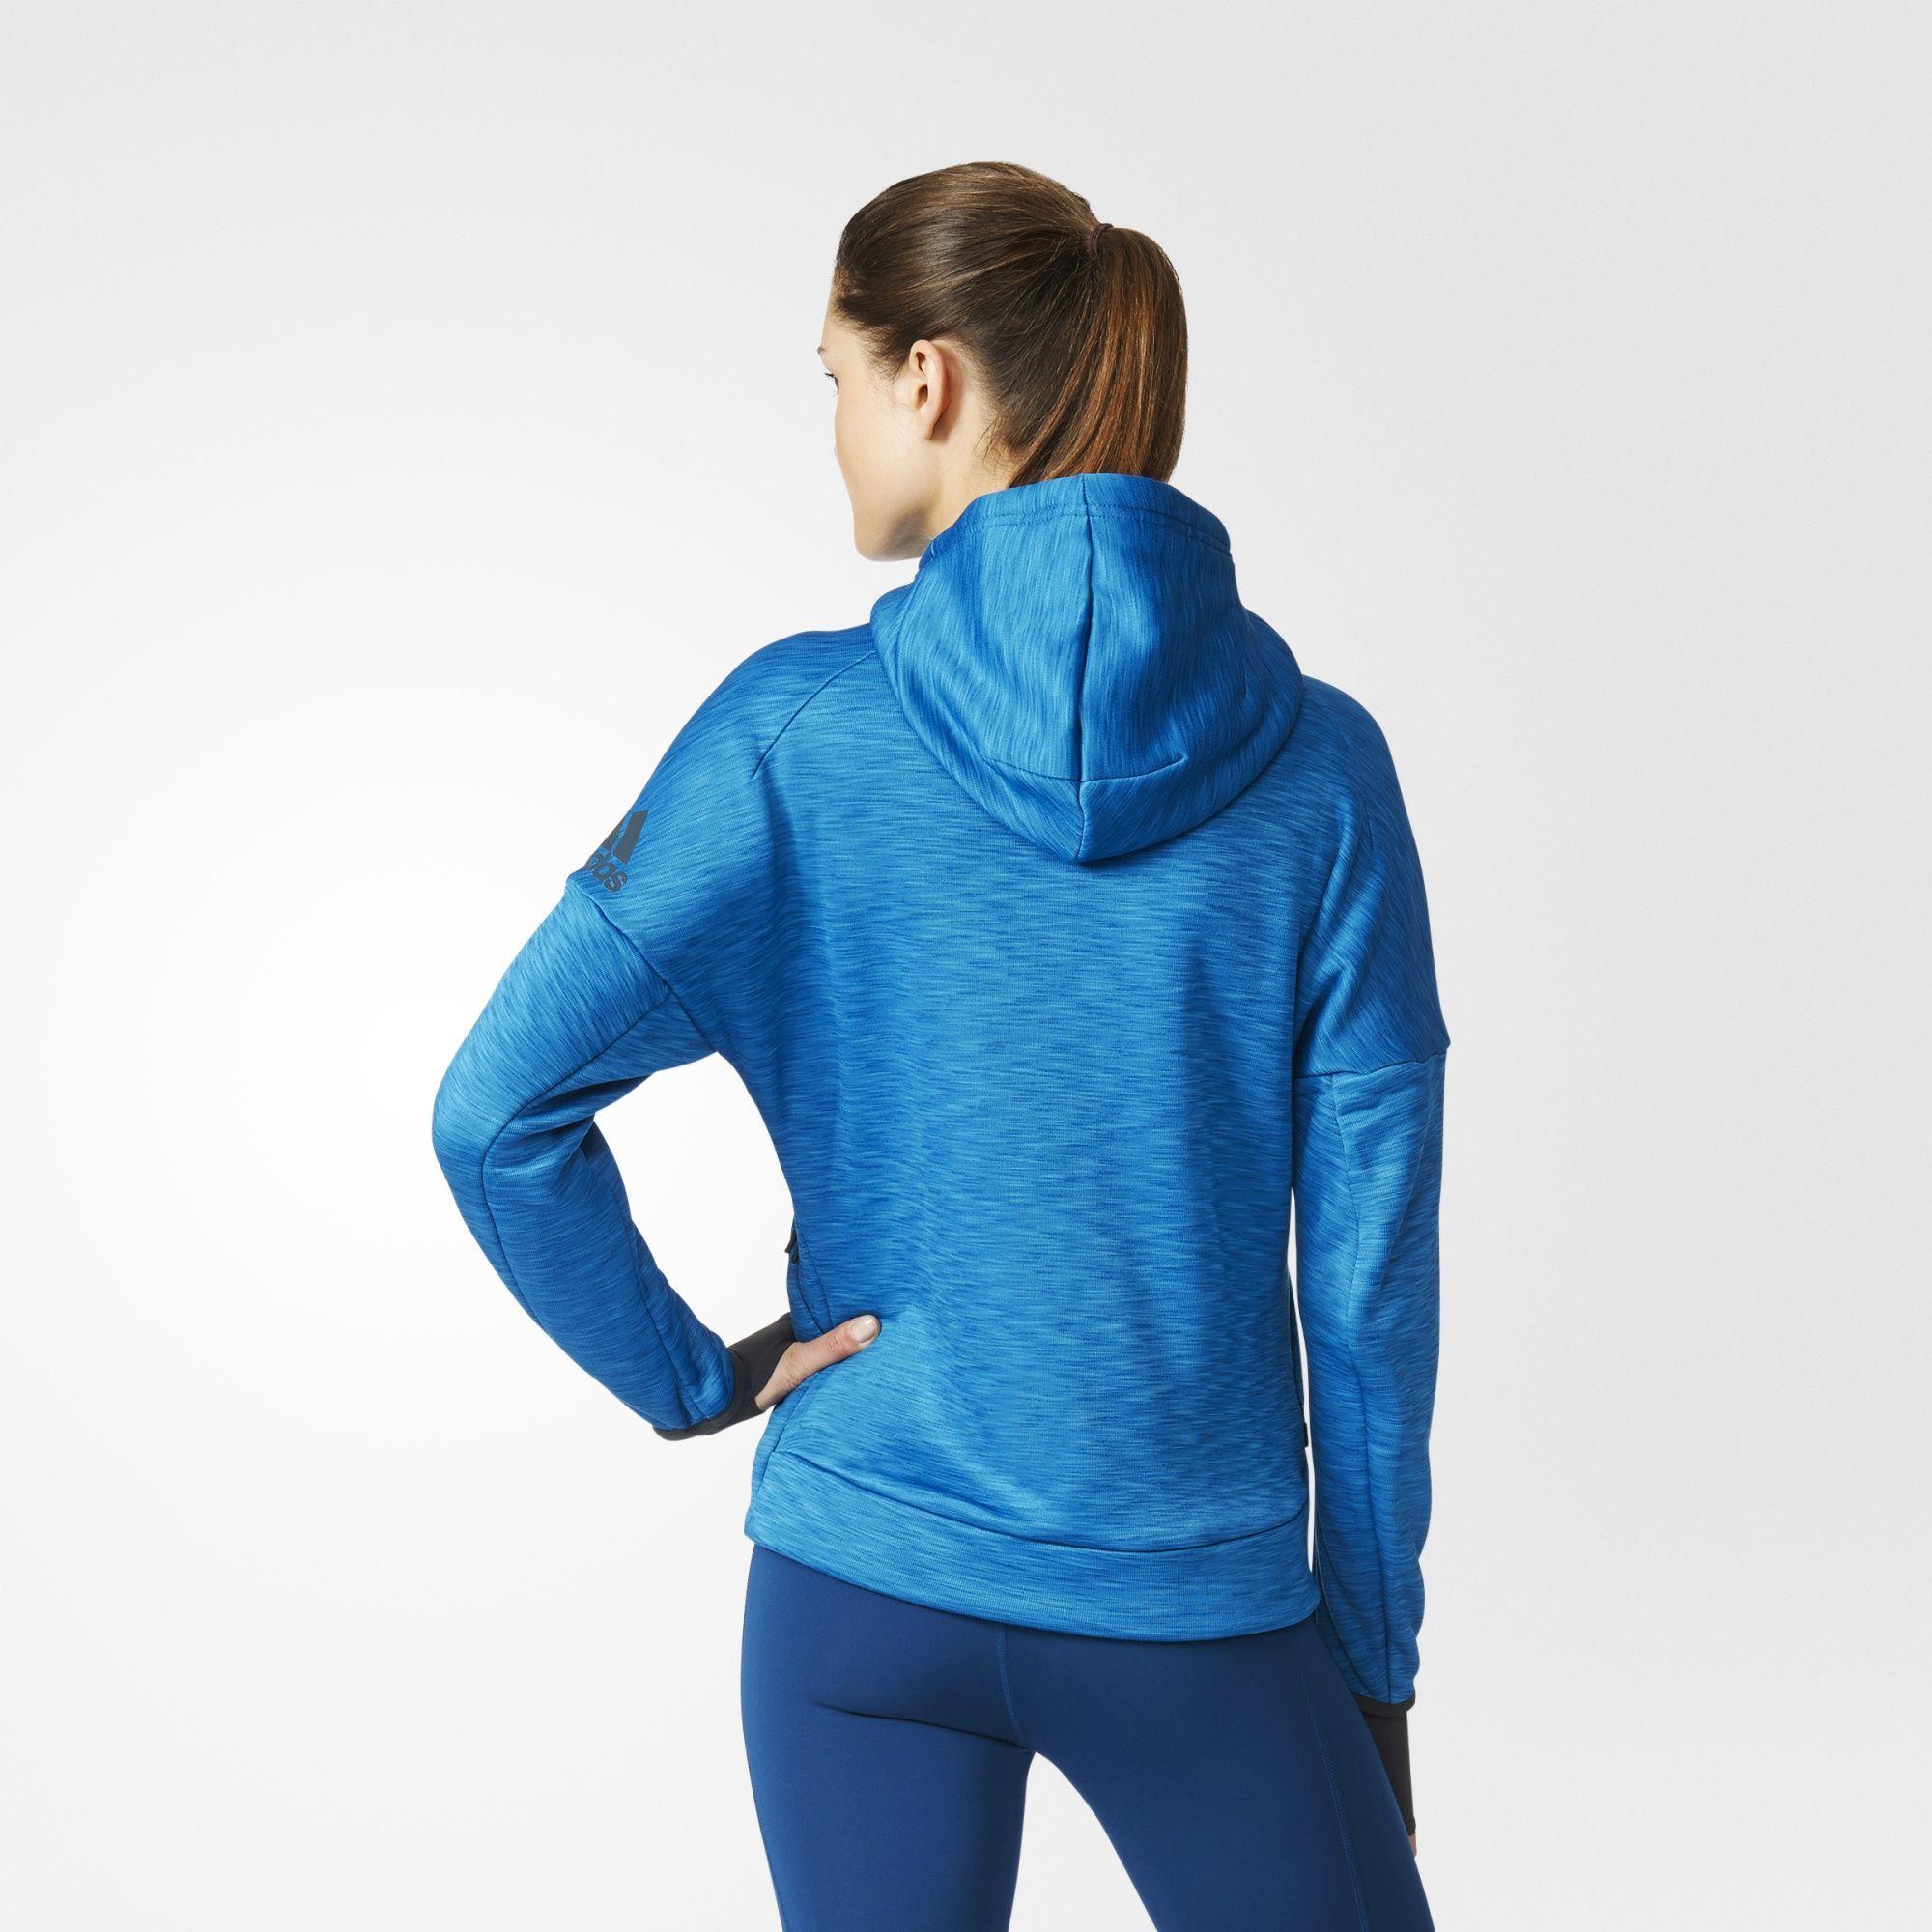 Adidas Z N E Climaheat Hoodie Hoodies Womens Women Hoodies Sweatshirts Hoodies [ 2000 x 2000 Pixel ]